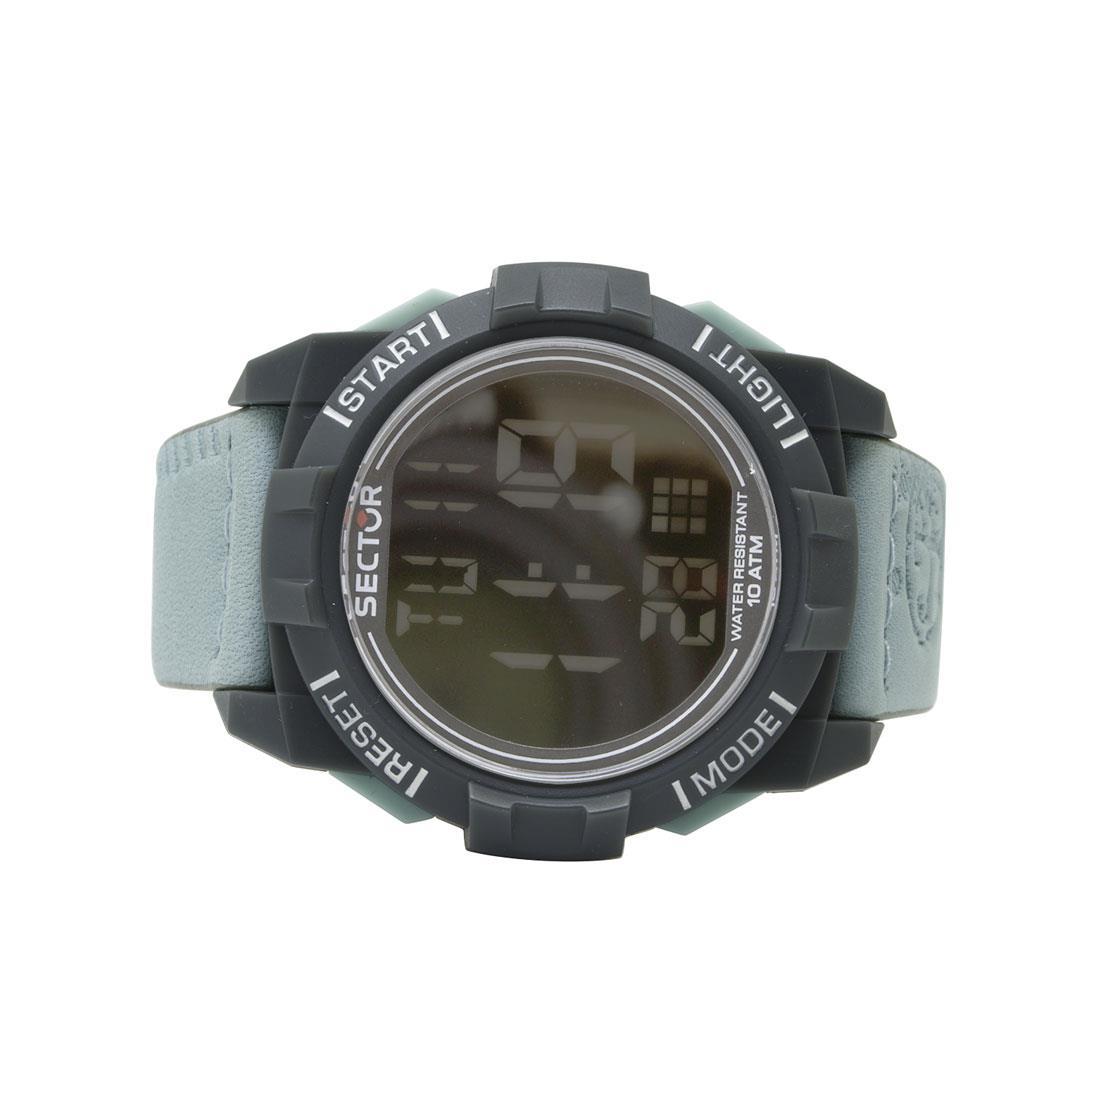 Orologio cassa 56.74x49.8mm in plastica - SECTOR